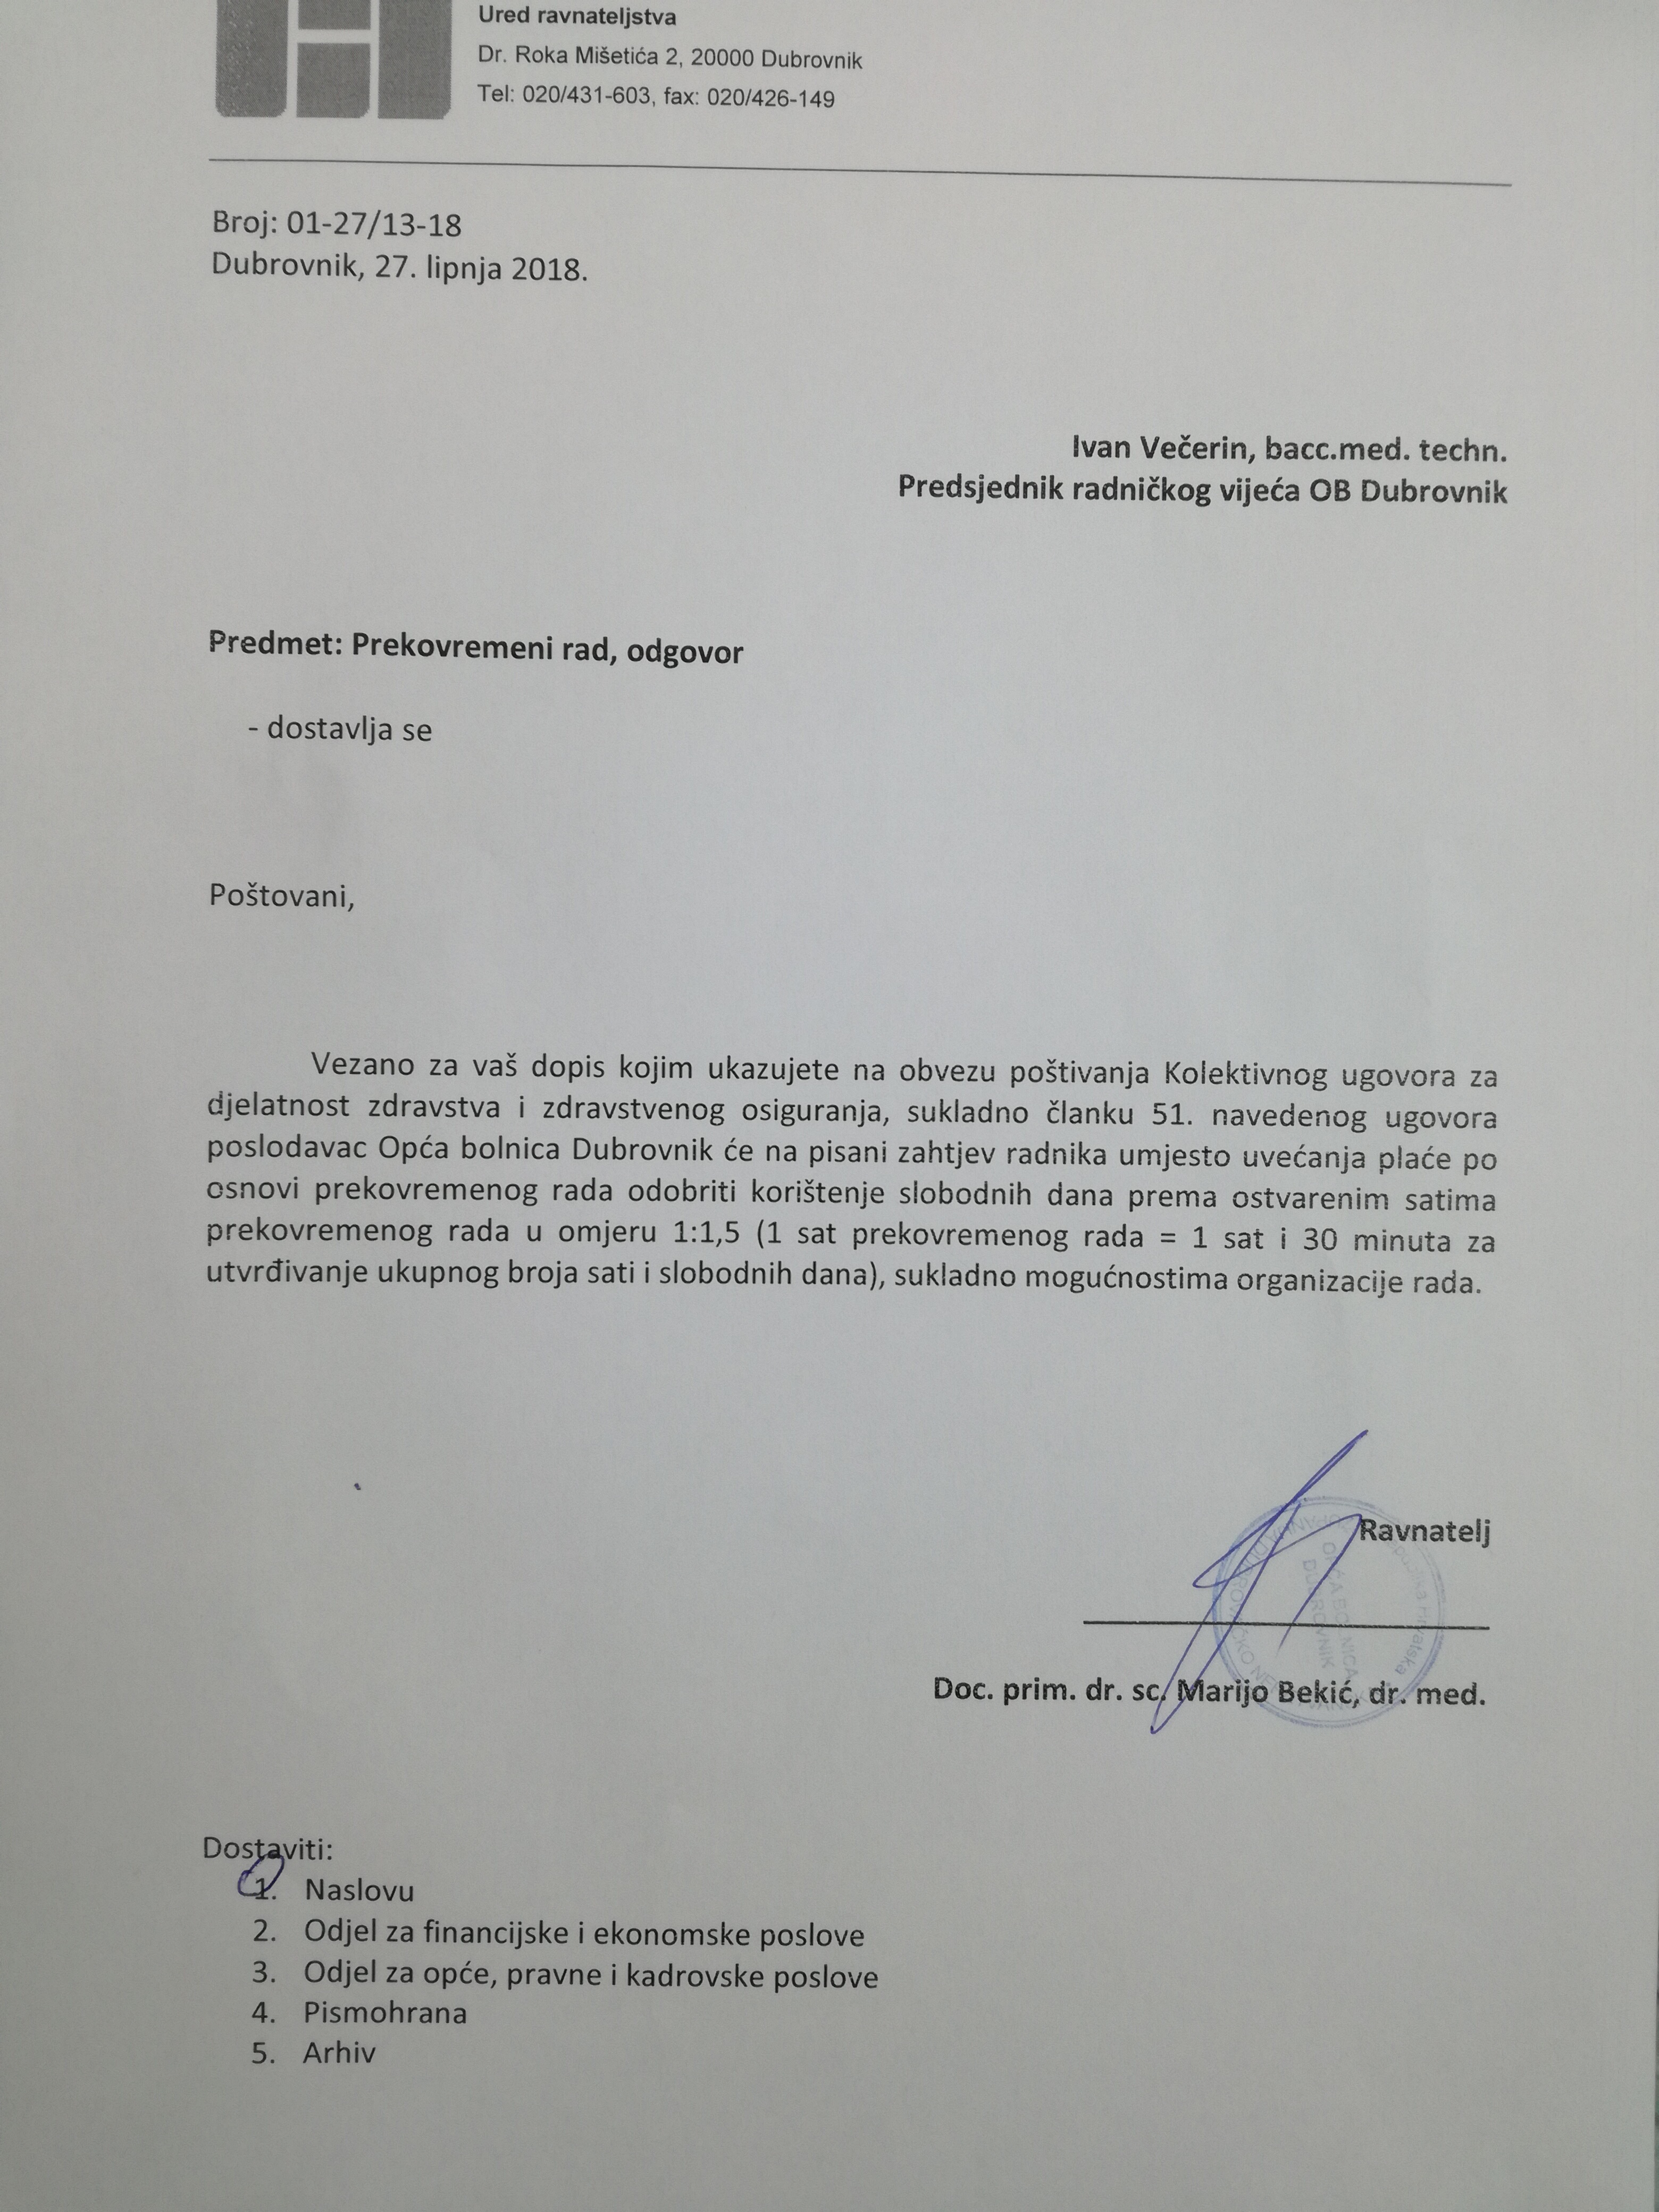 Odgovor Uprave na dopis vezan za prekovremeni rad